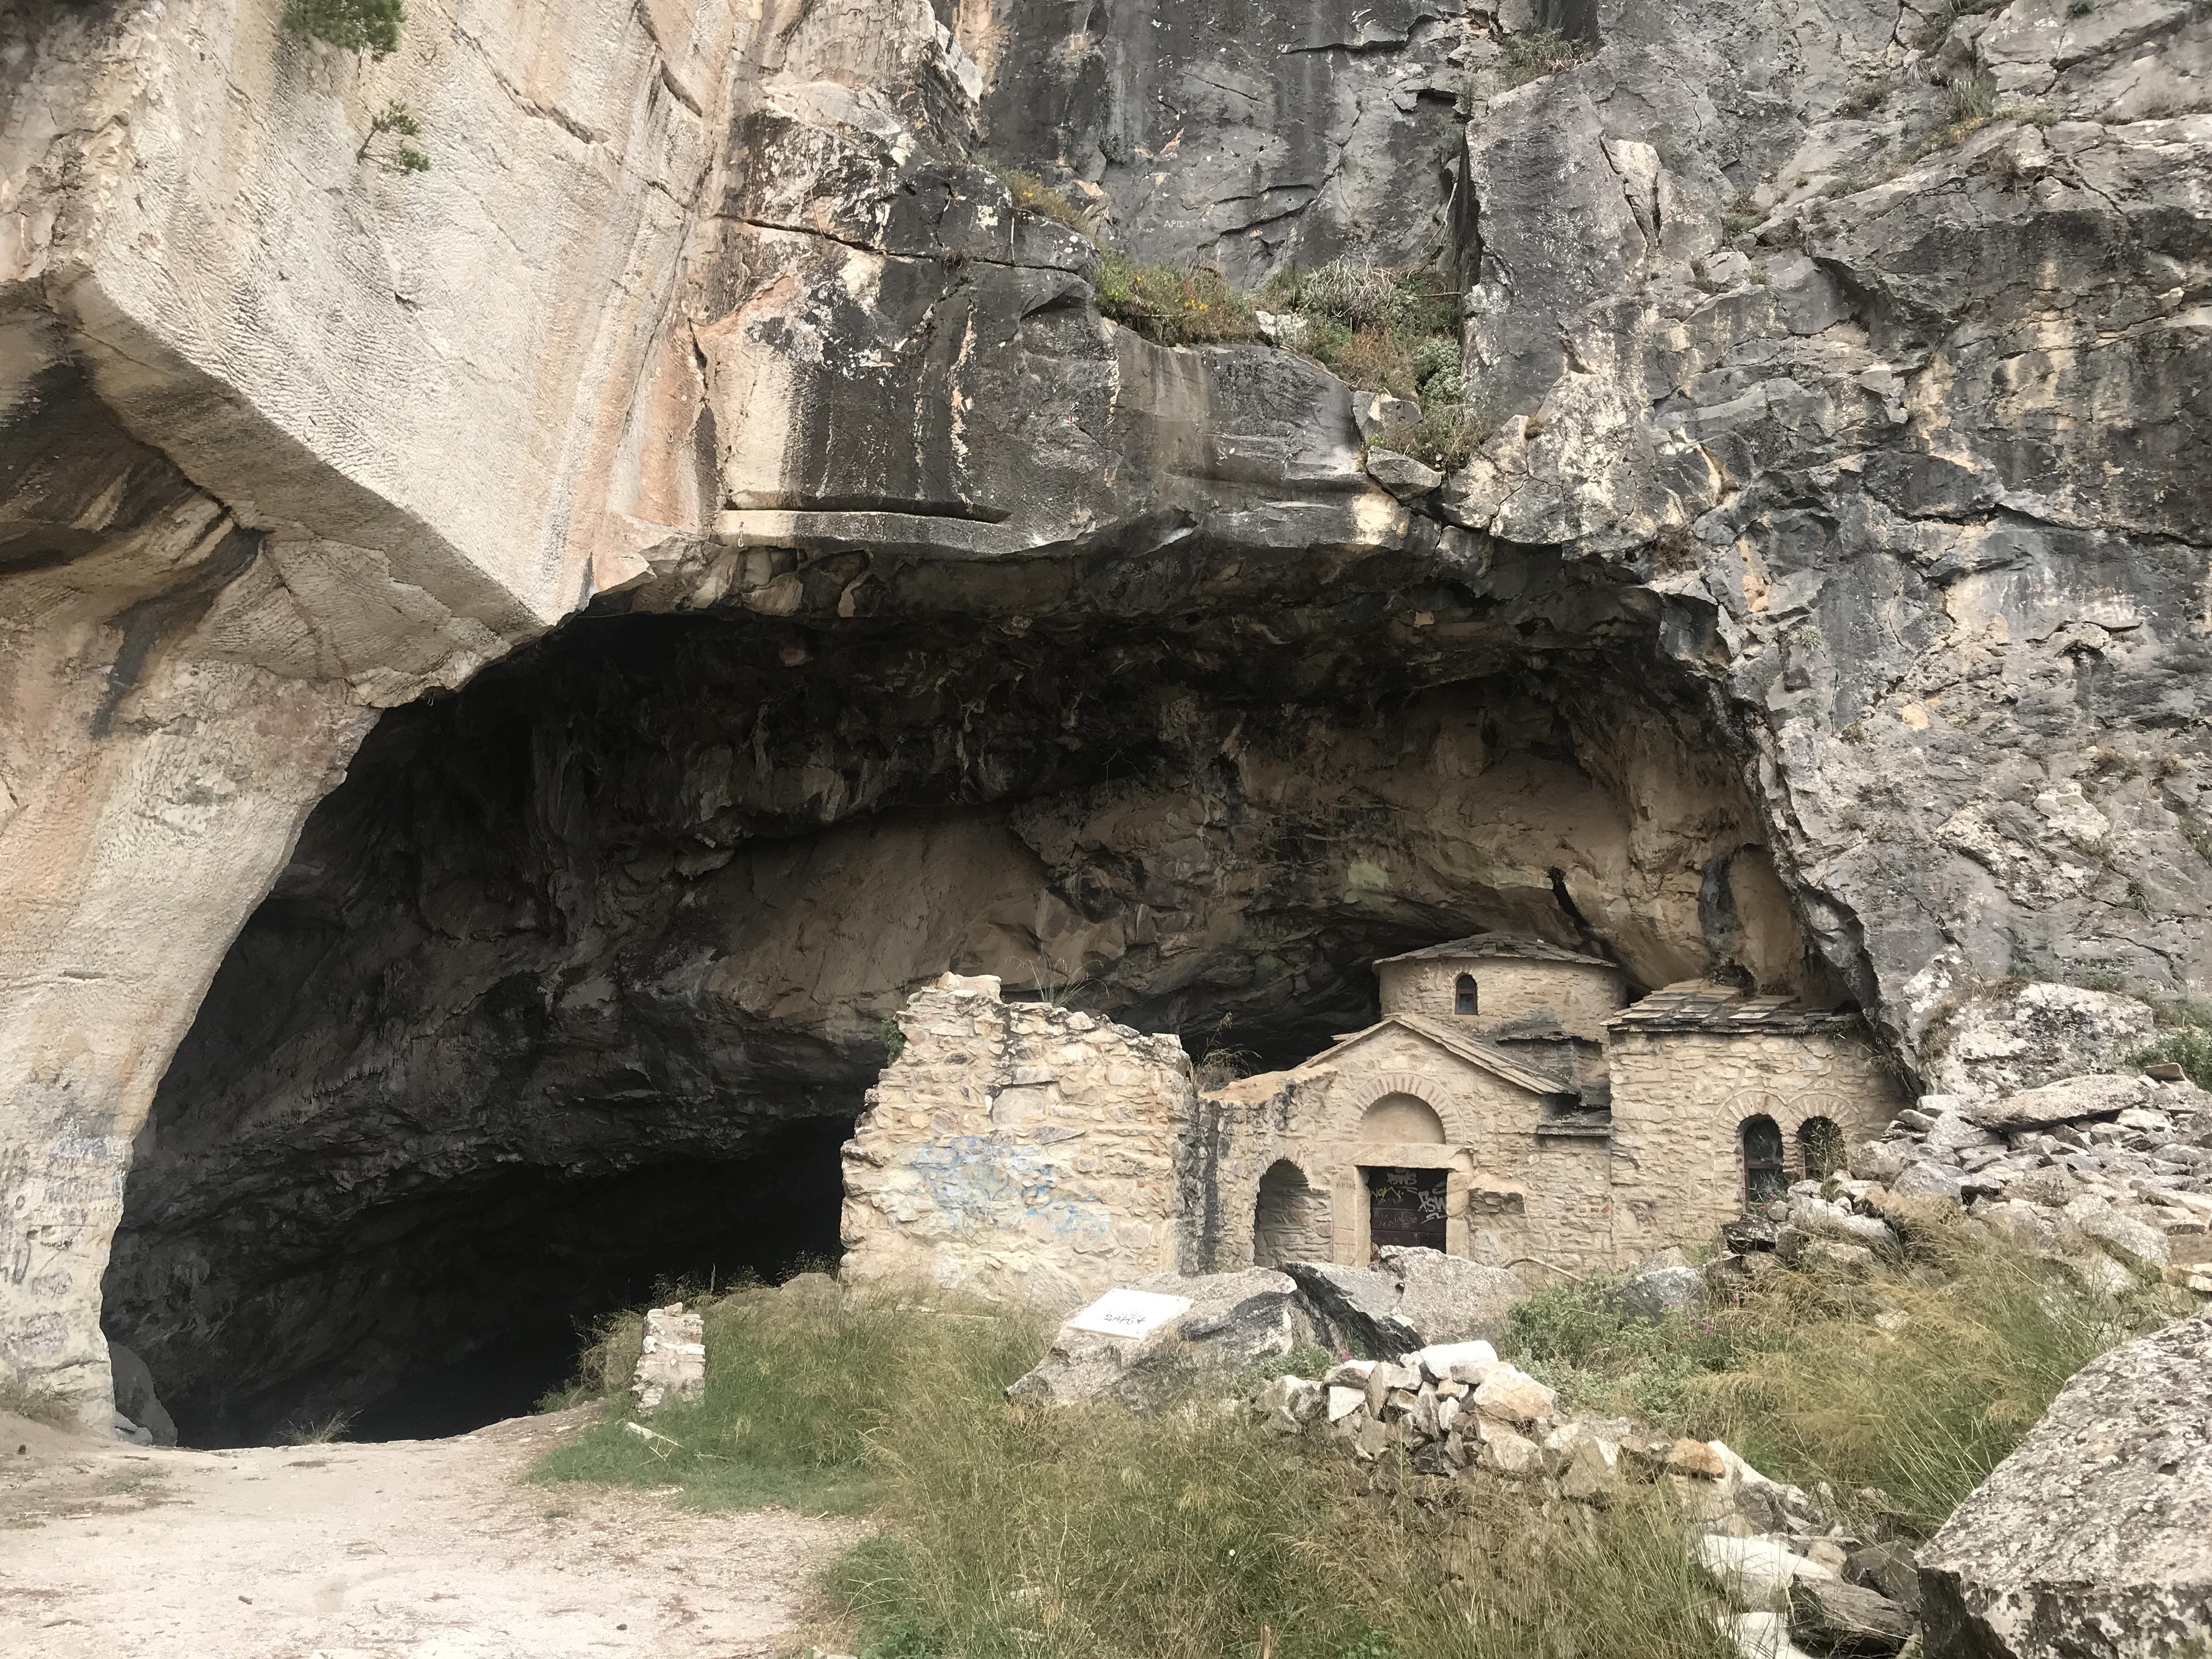 悪魔の洞窟@ギリシャ